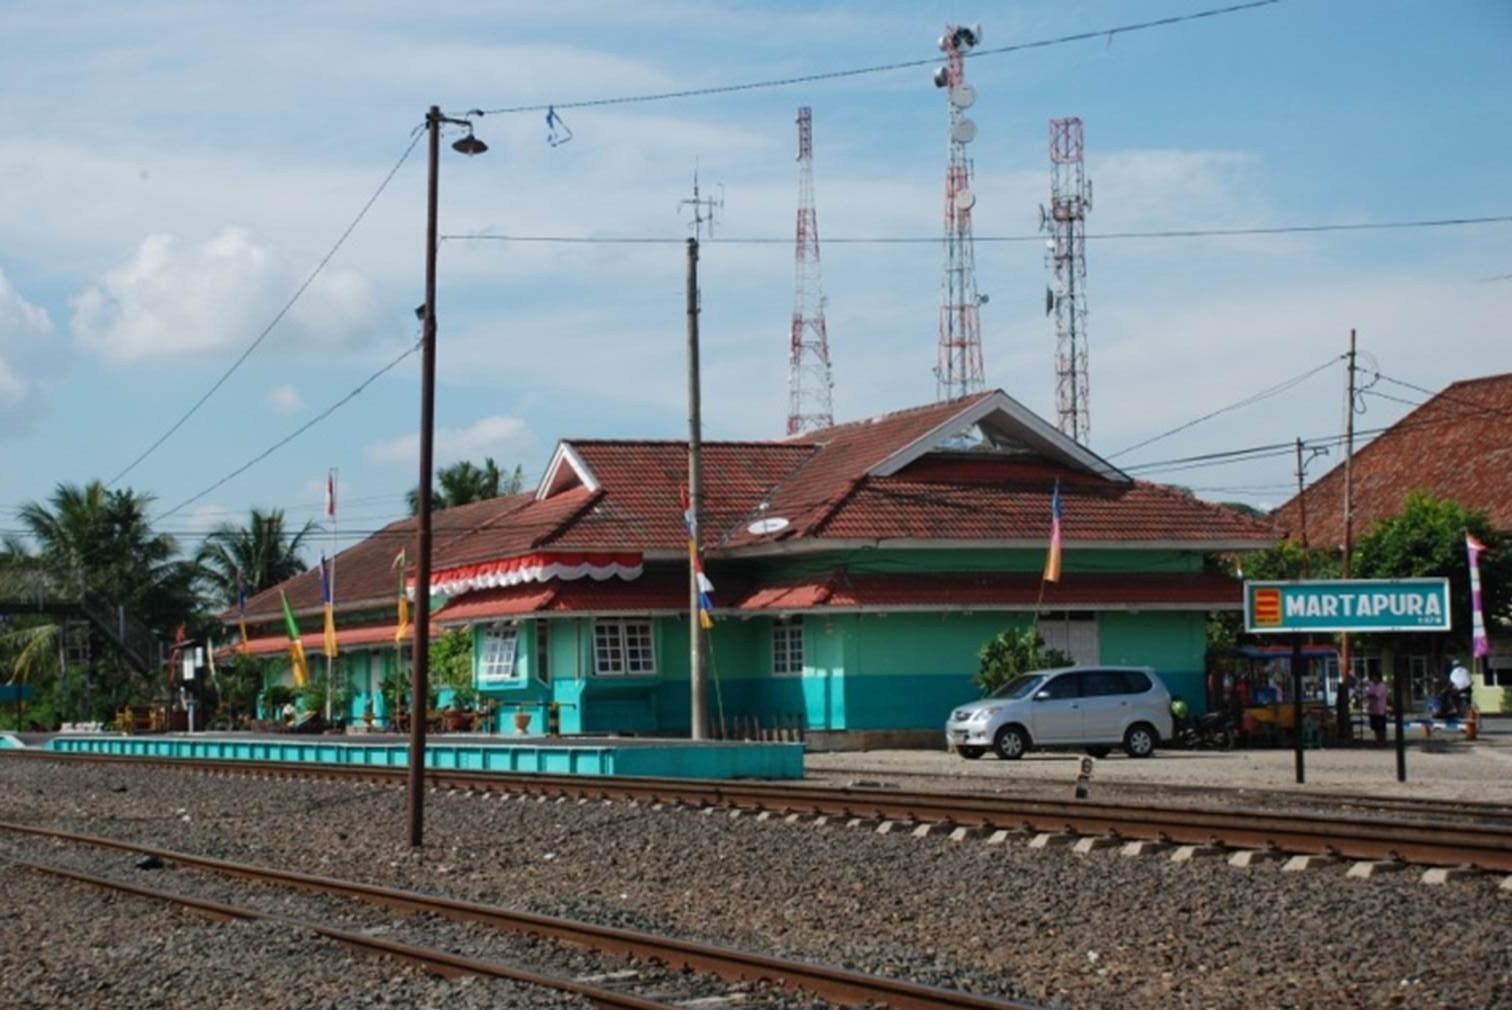 stasiun martapura